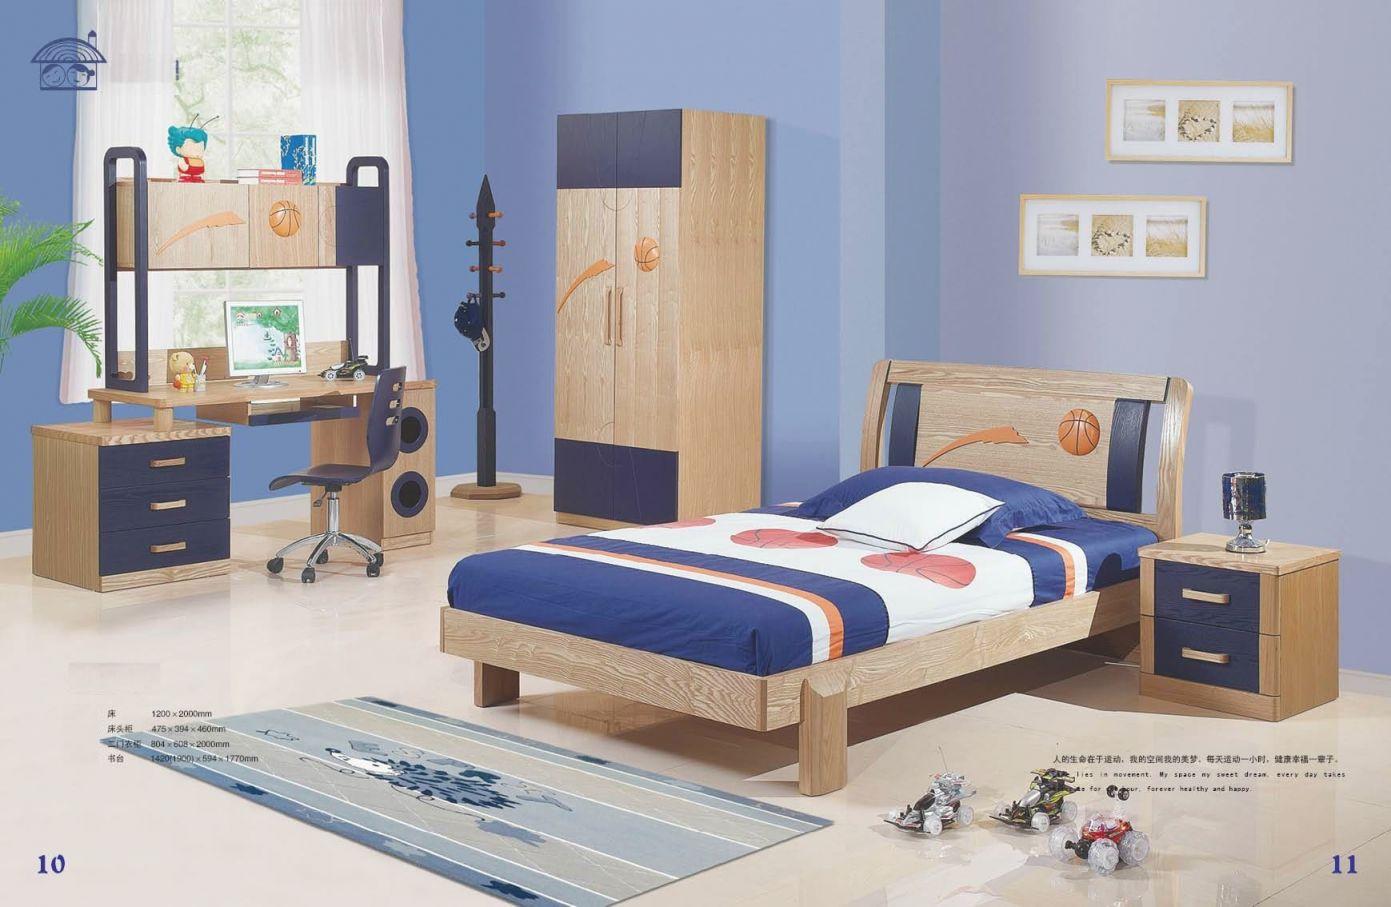 Youth Bedroom Furniture | Kids Bedroom Set (Jkd-20120 regarding Unique Kids Bedroom Furniture Sets